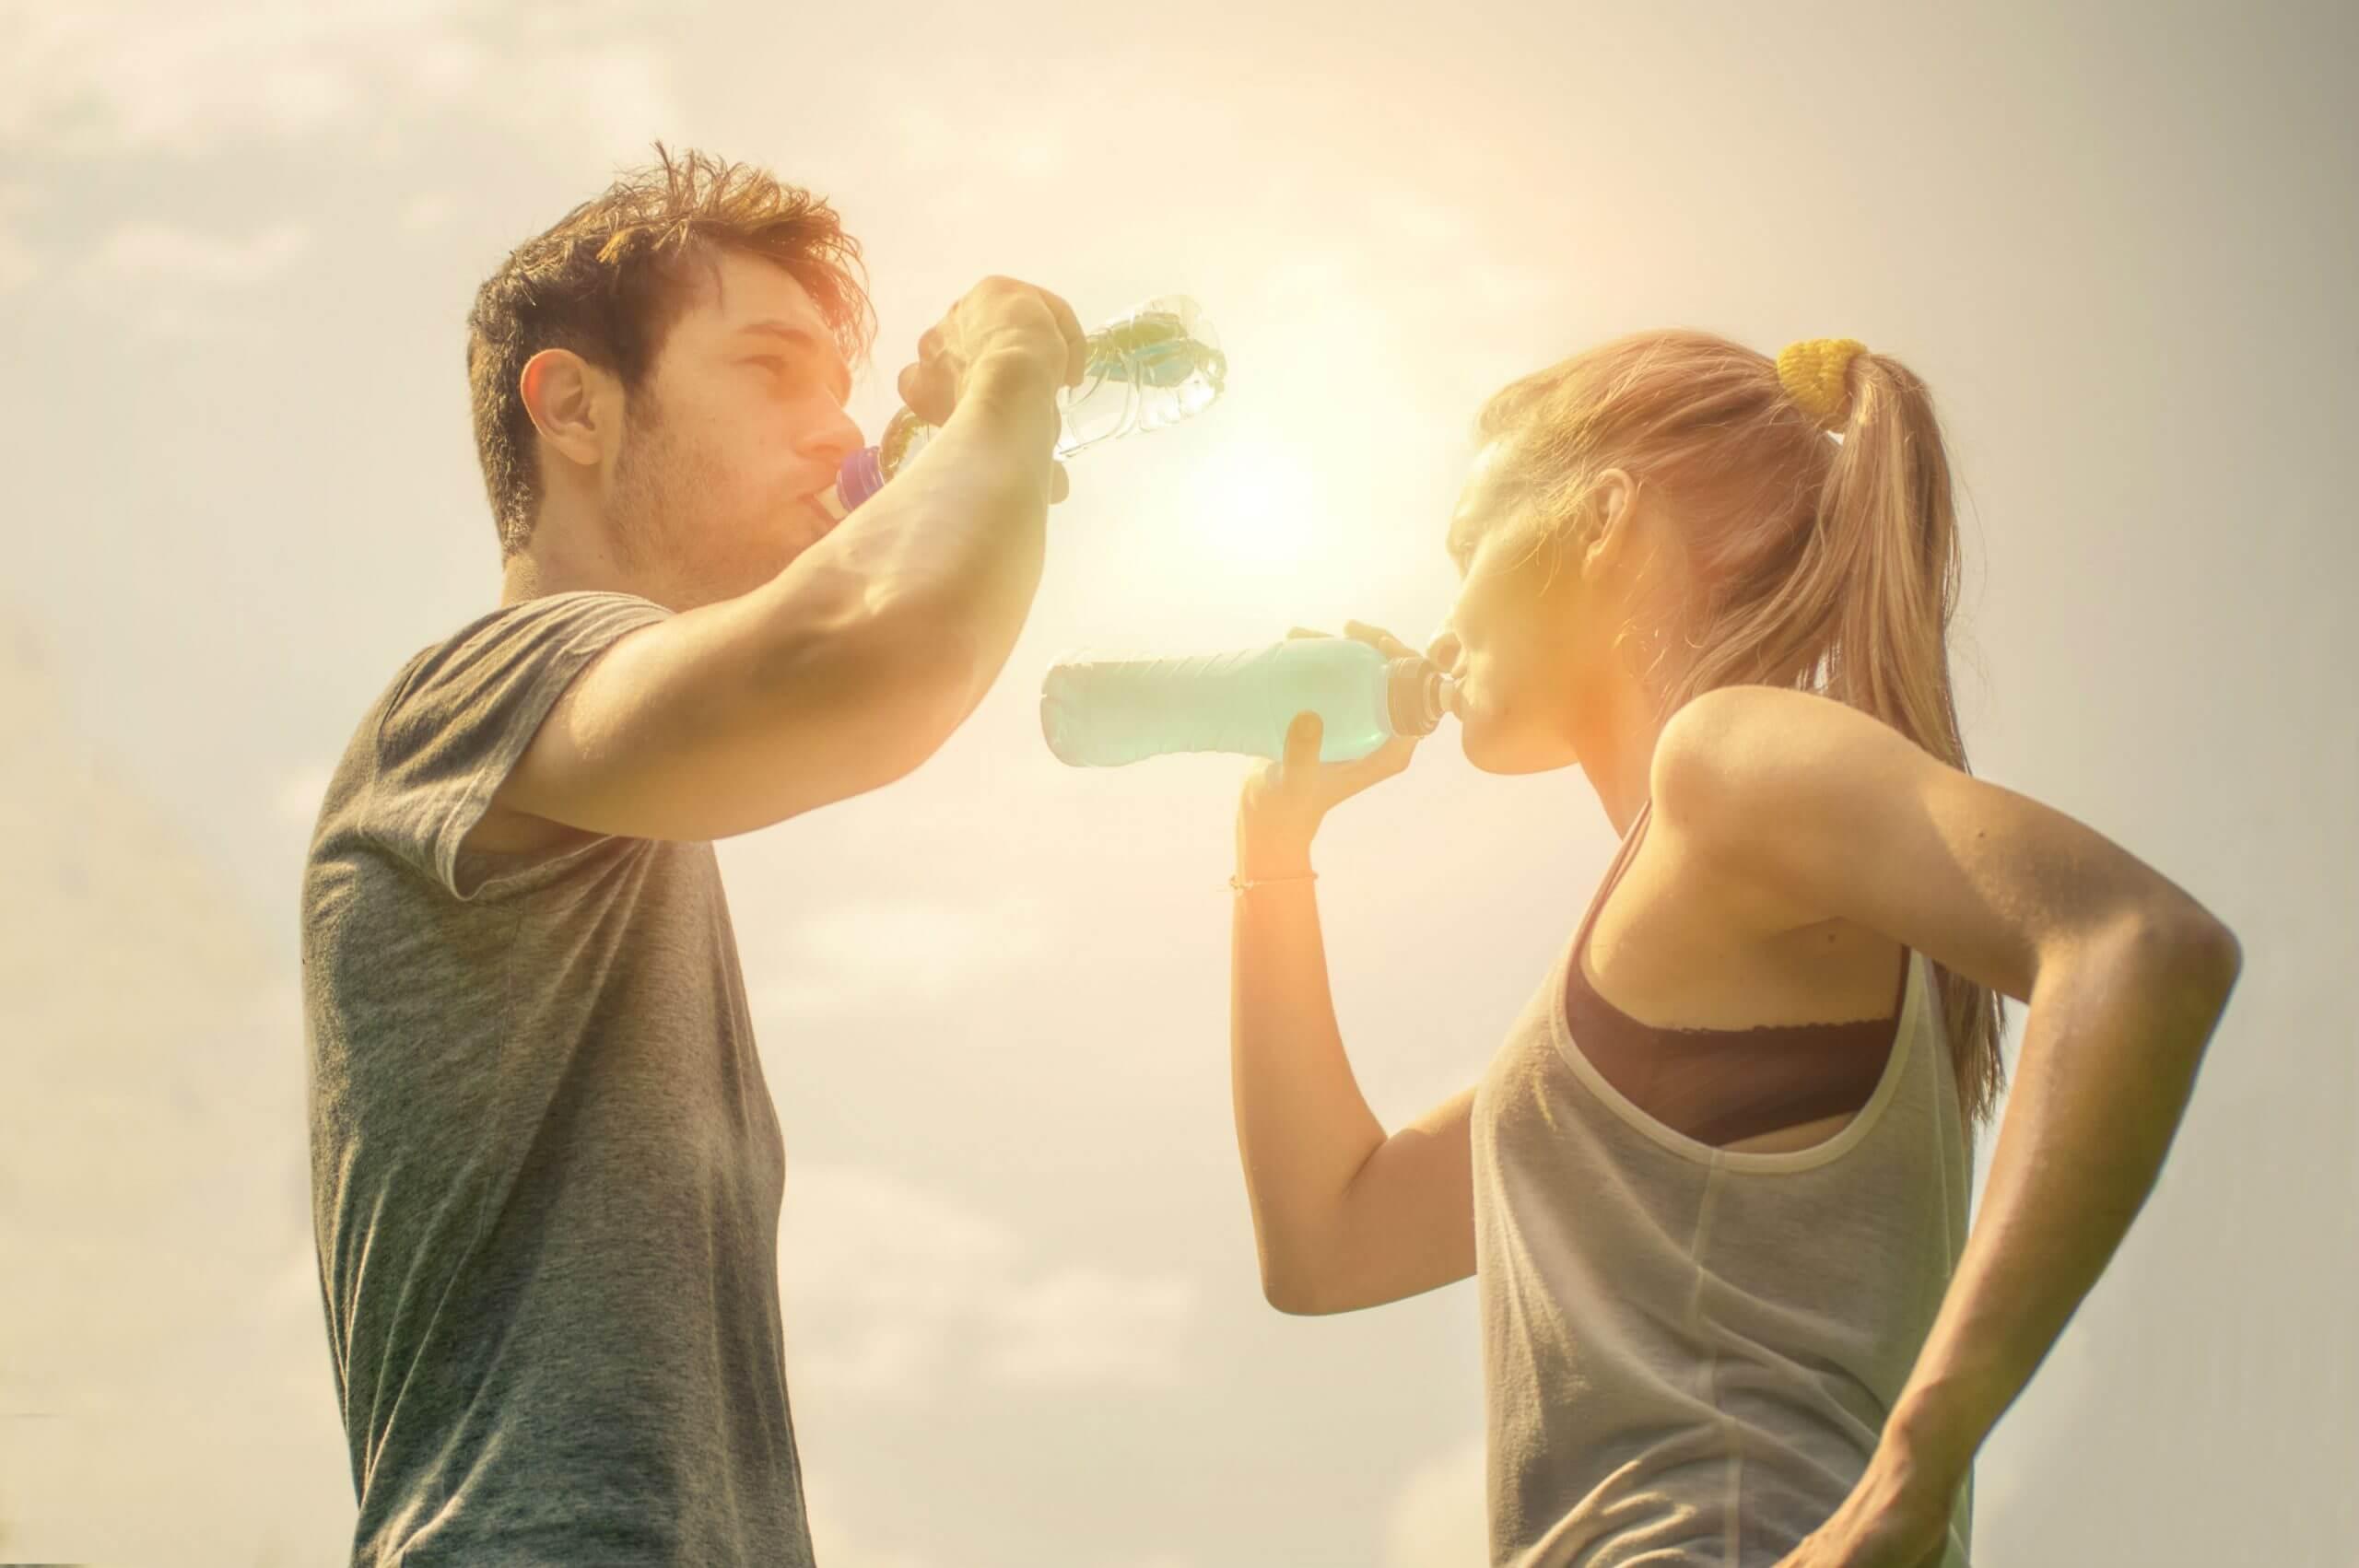 In 3 Schritten zu einem ausgeglichenen Körper. So geht's mit Elektrolyten!